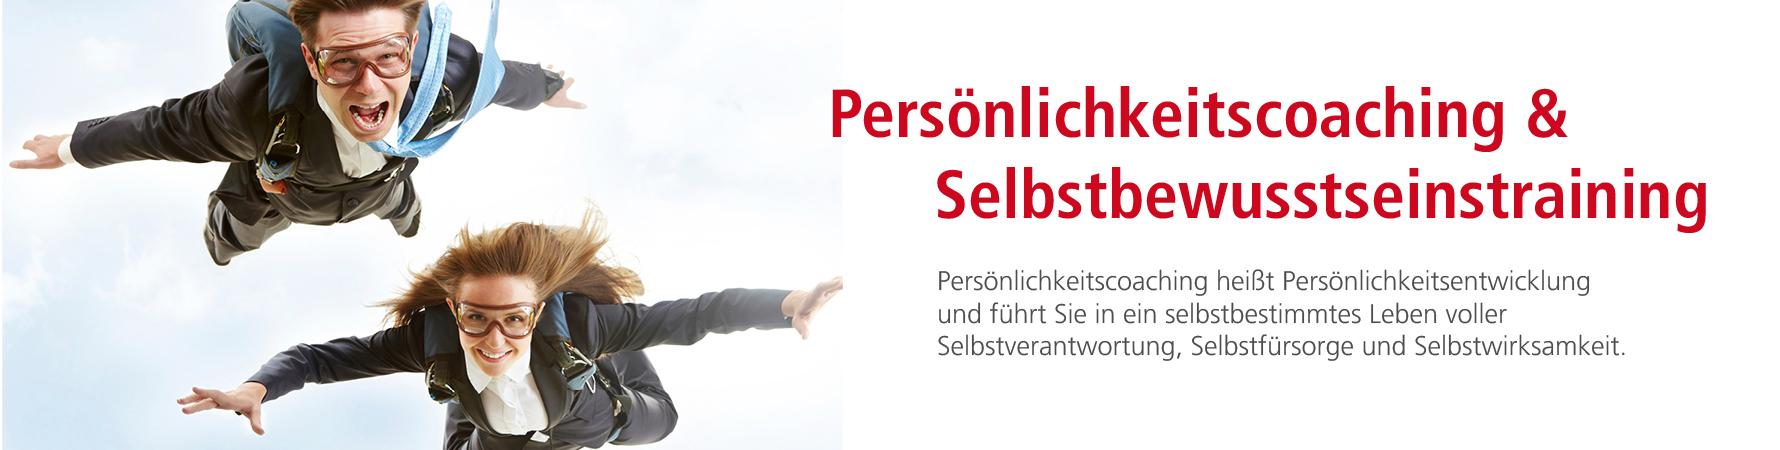 Slider_Sonnenstrahl_Training_V2_3